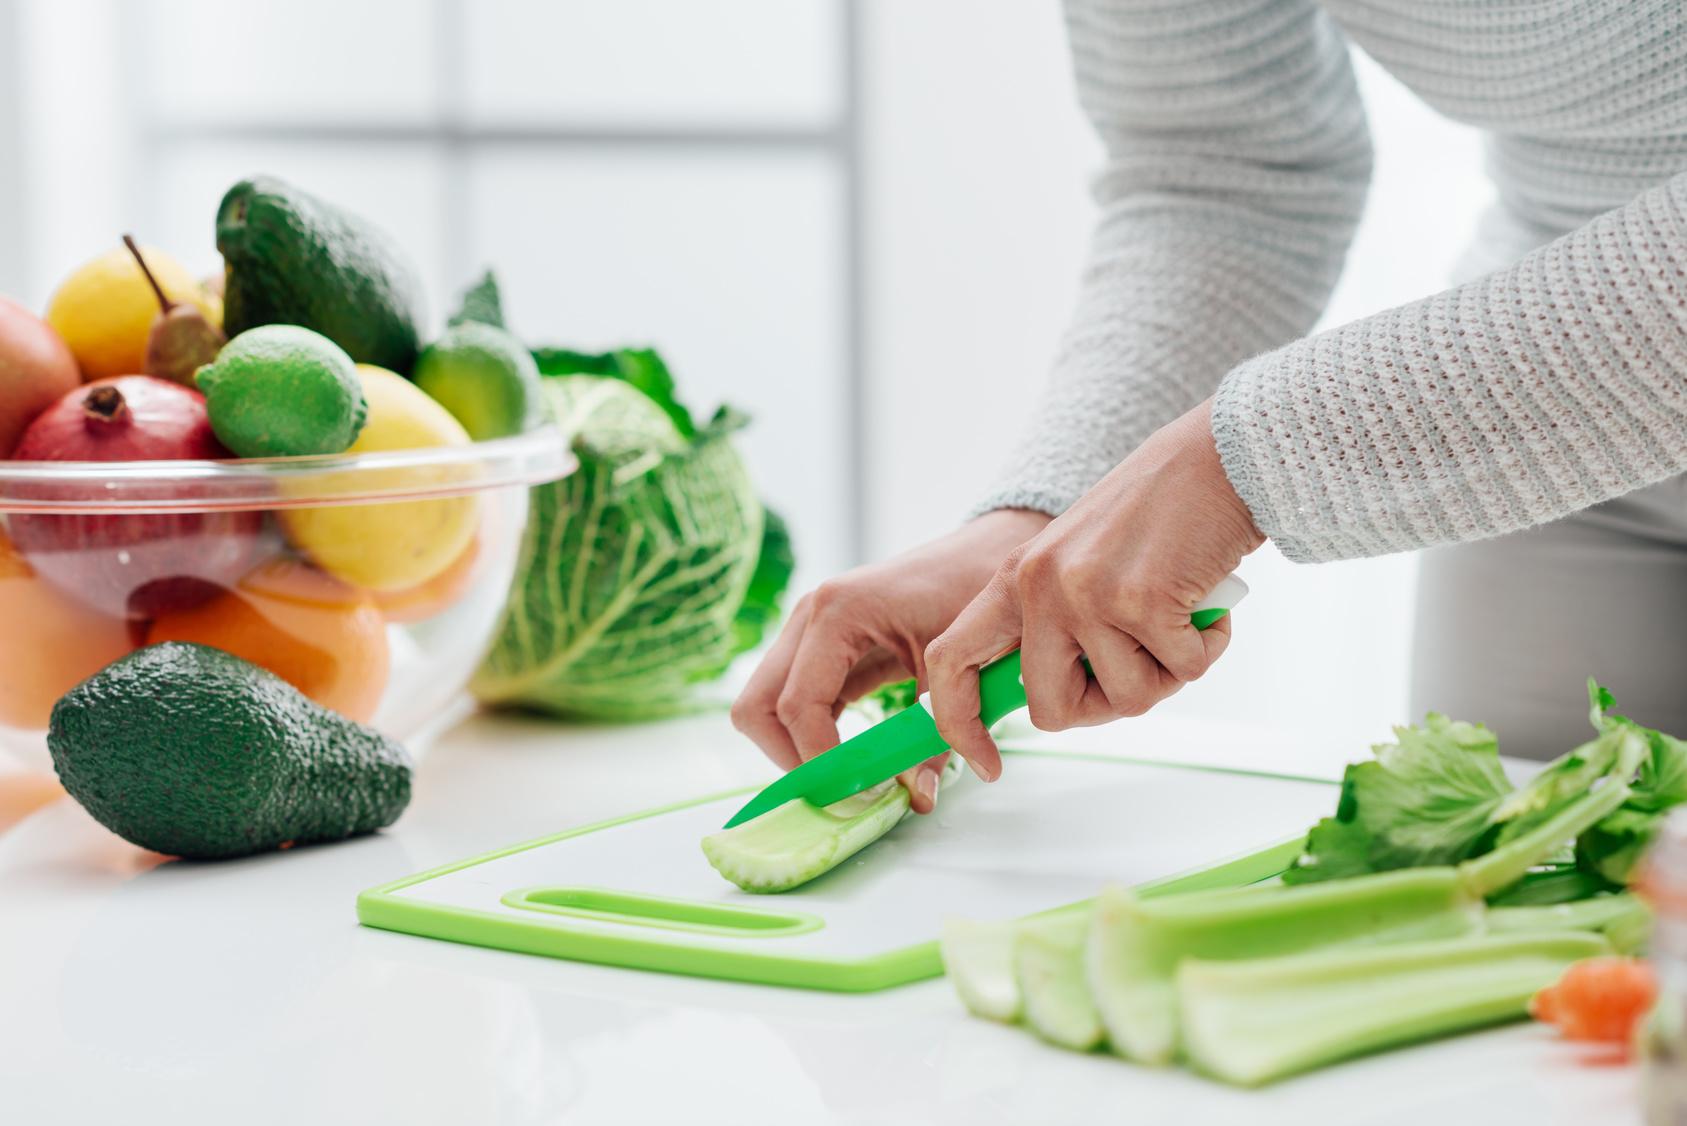 クセは強いけど実は超スゴイ「セロリ」の11の効果と食べ方